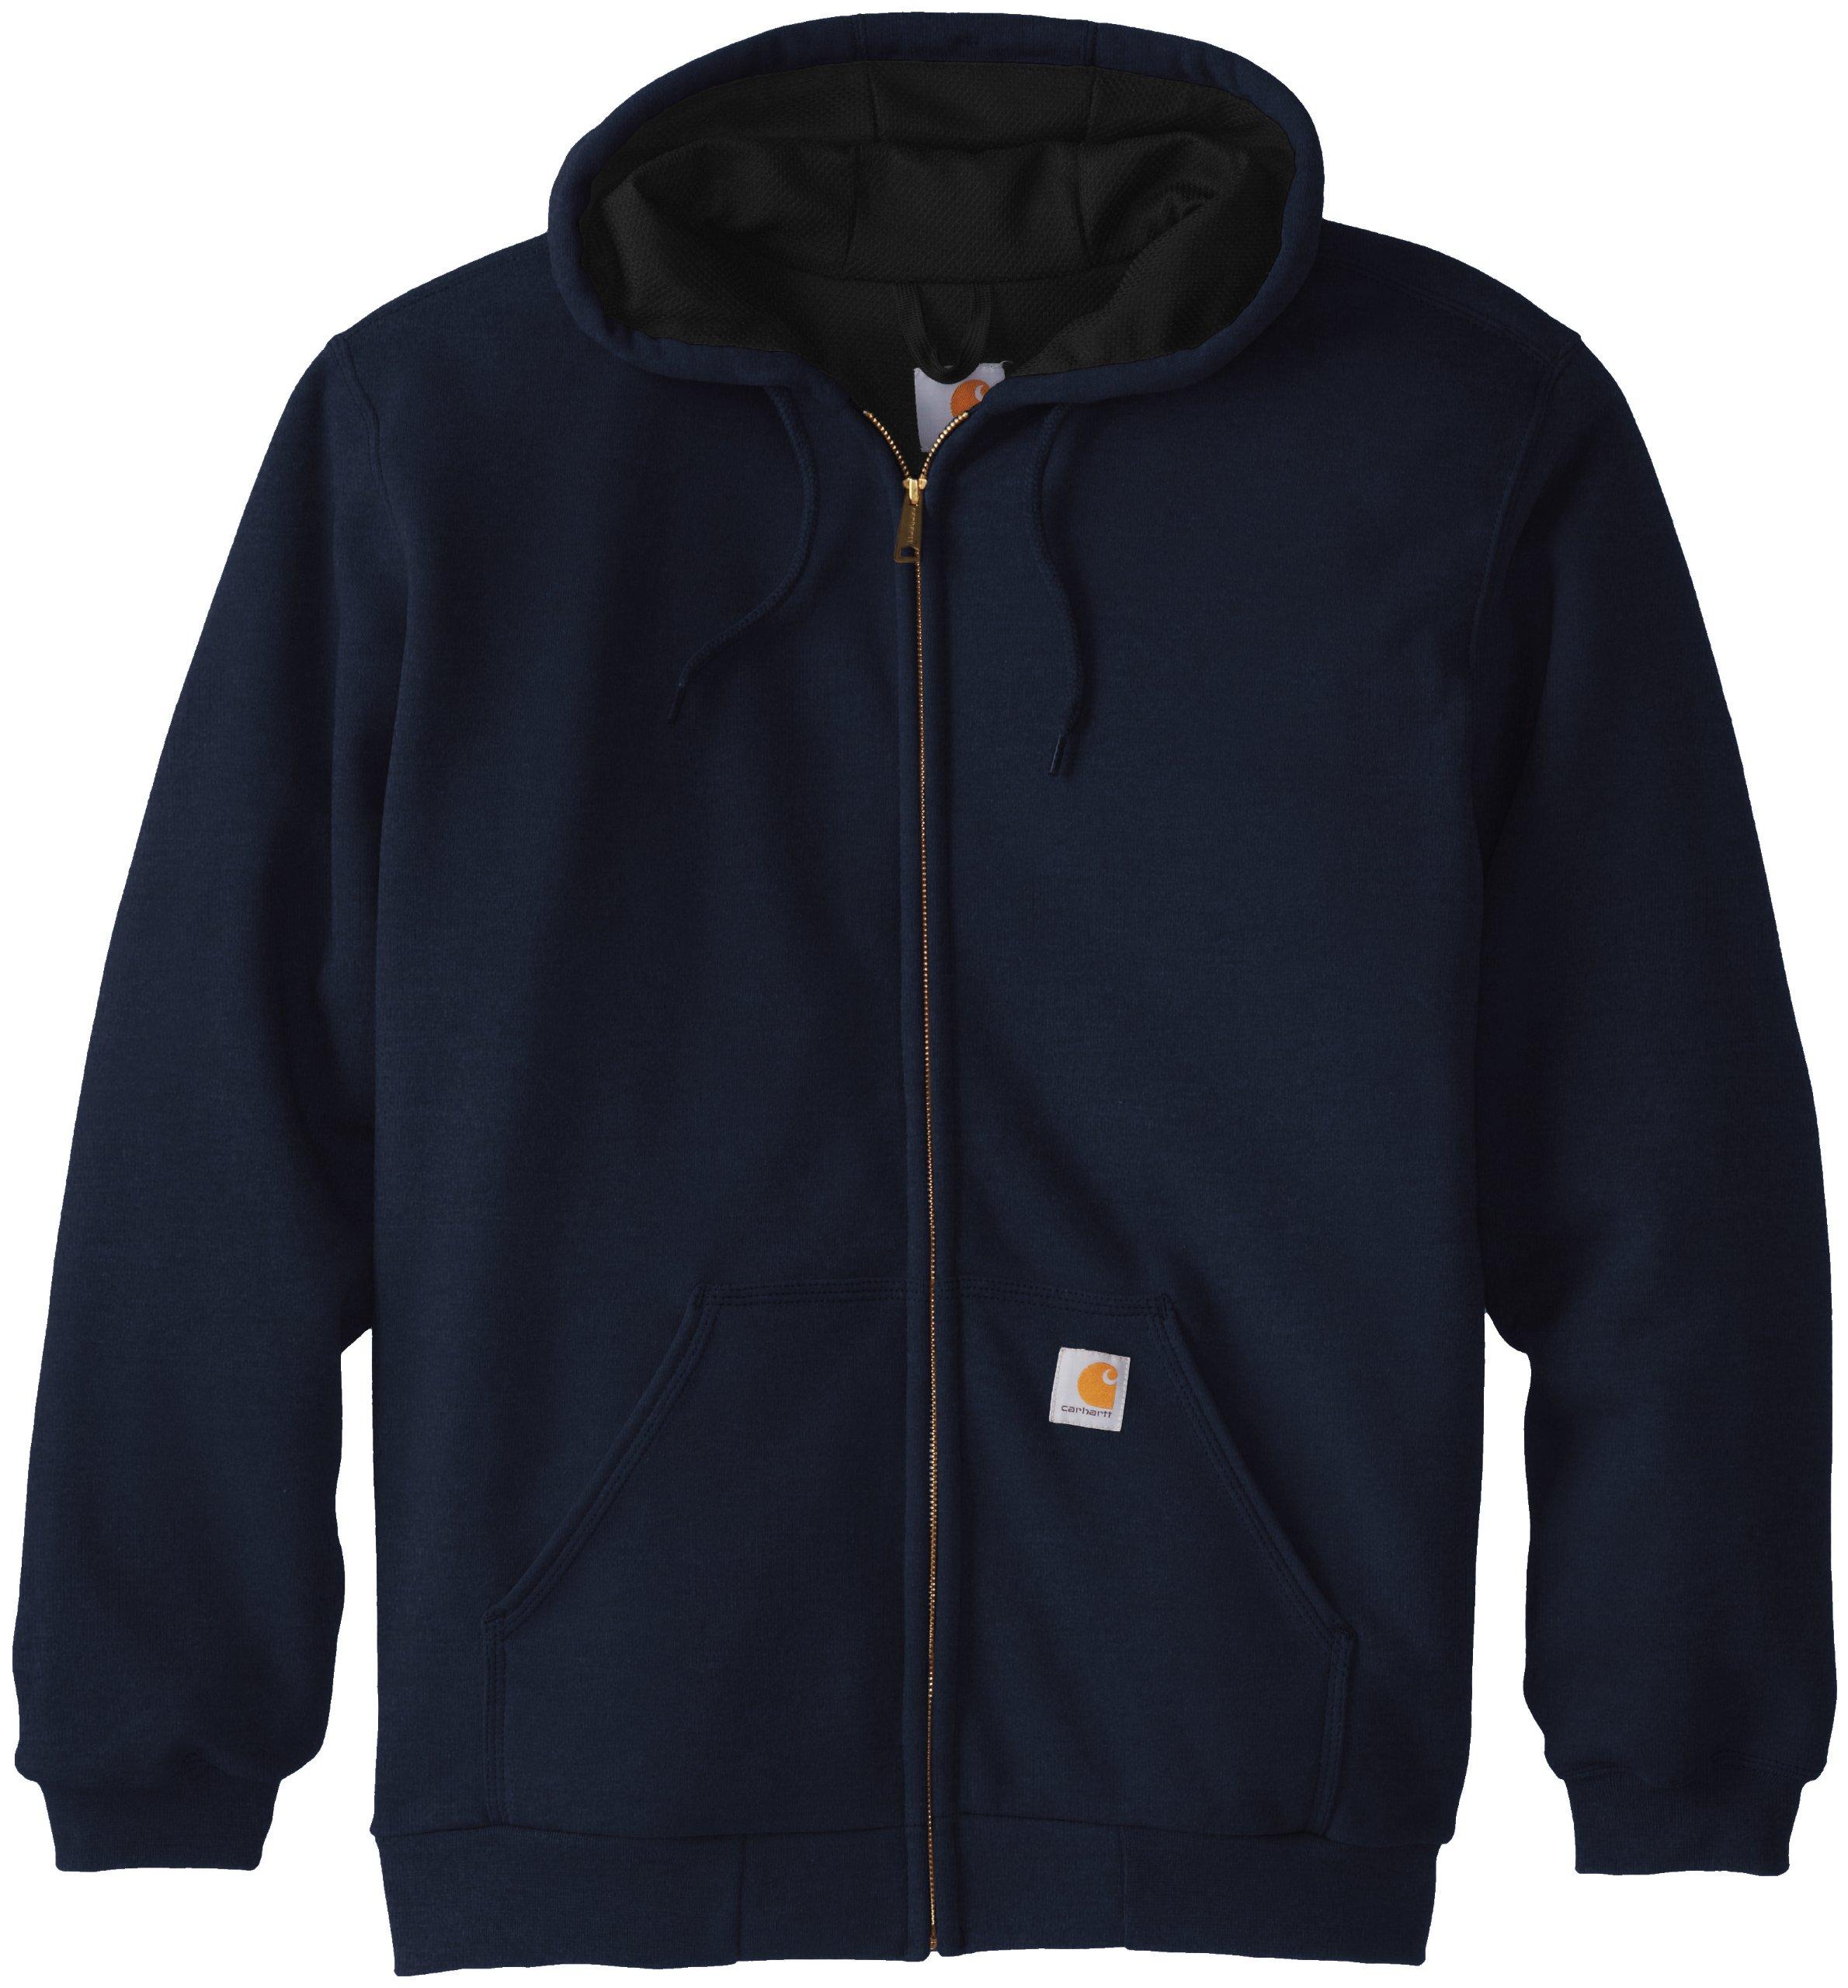 Carhartt Men's Rutland Thermal Lined Zip Front Sweatshirt Hoodie, New Navy, 4X-Large